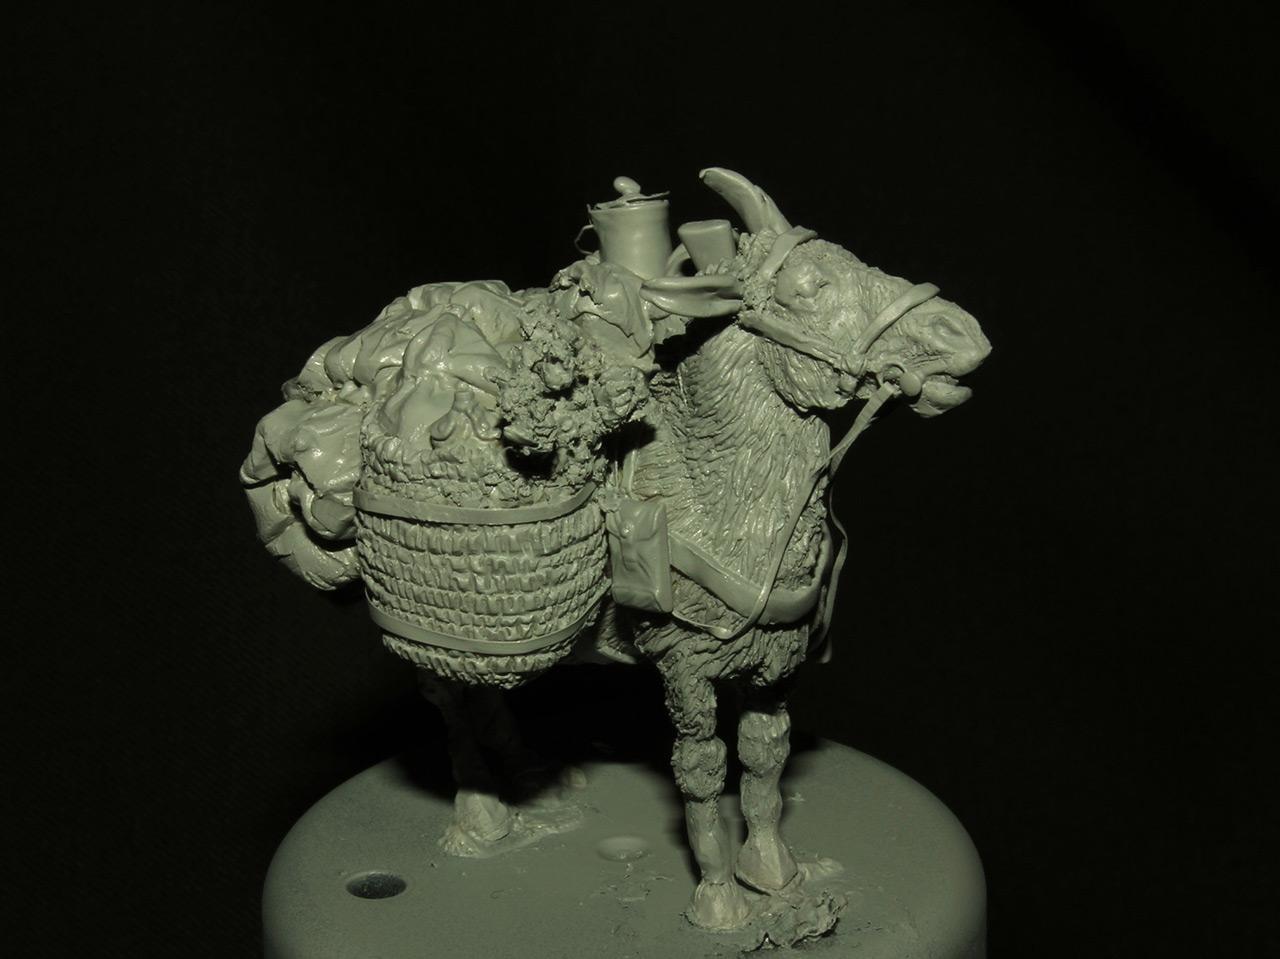 Sculpture: Mujahideen's mule, photo #4